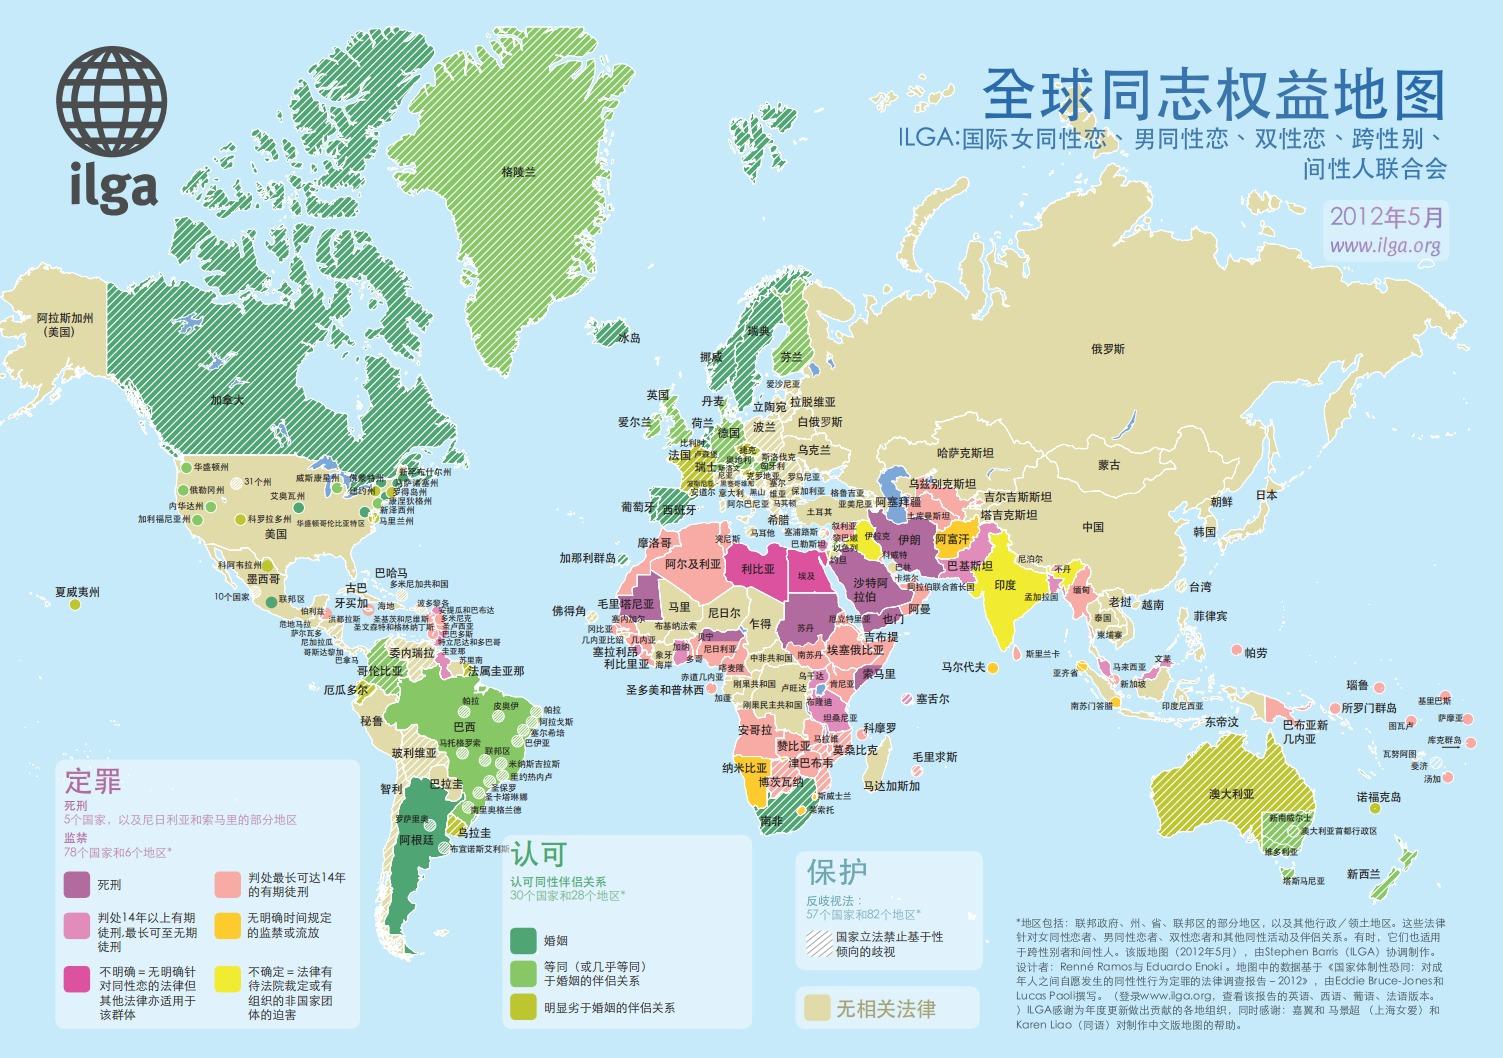 亚洲国家_亚洲哪个国家会最先实现同性恋婚姻合法化,为什么?